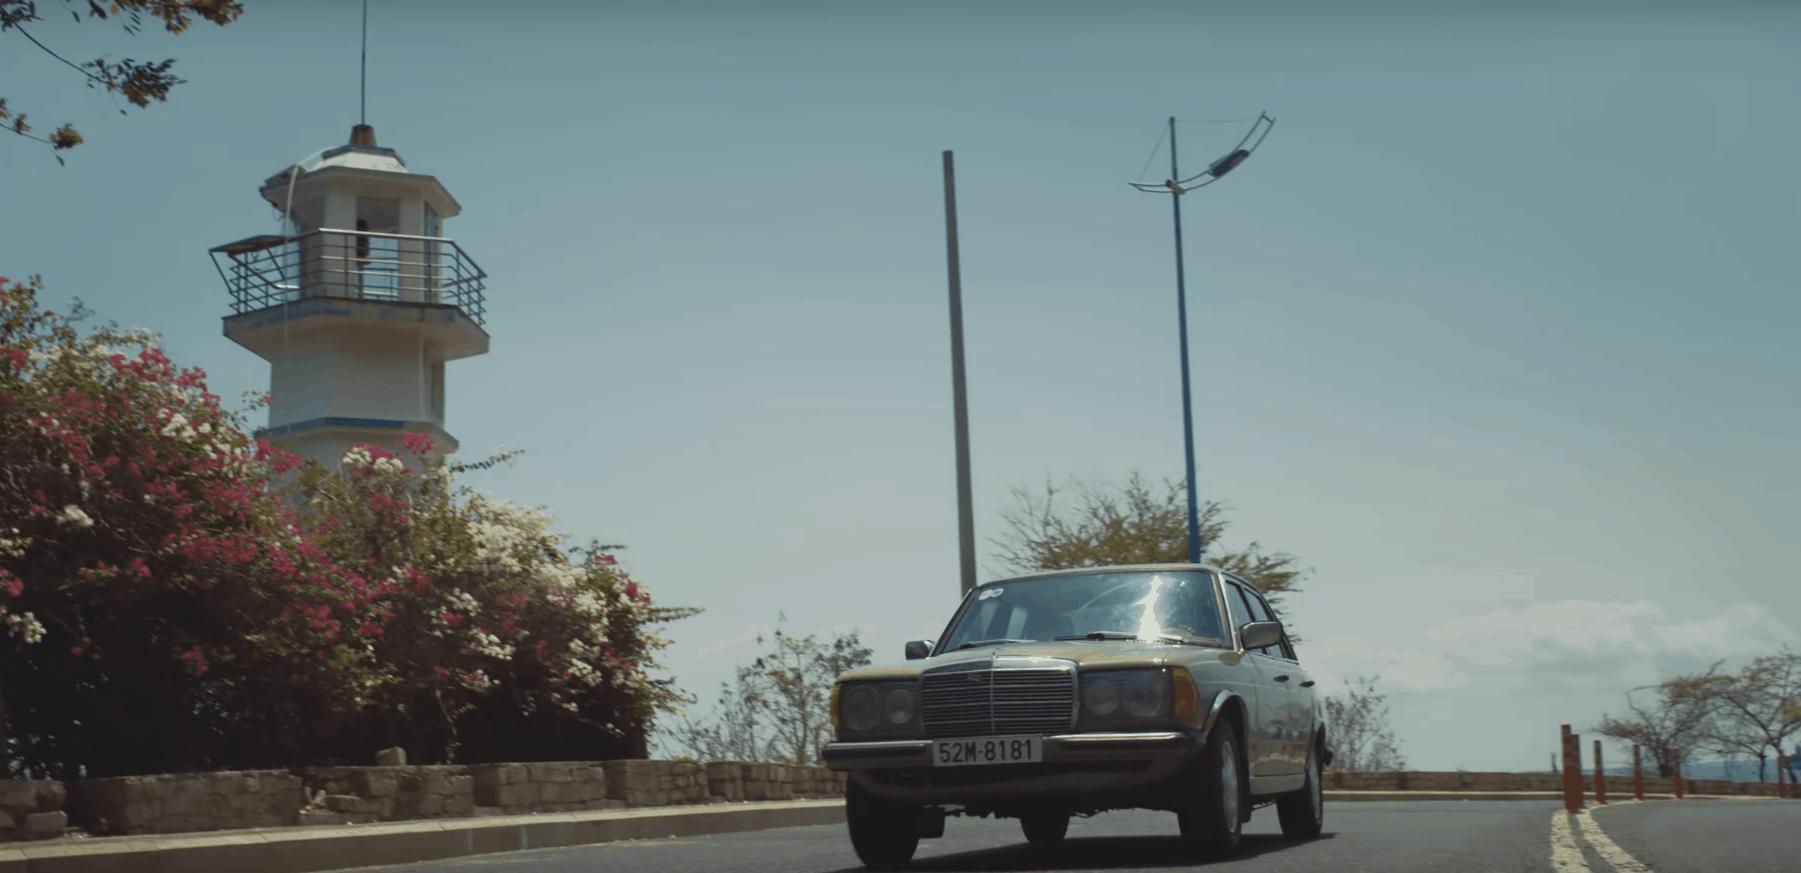 """Đẹp """"xỉu"""" điểm quay MV """"triệu view"""" nổi tiếng ở Vũng Tàu"""